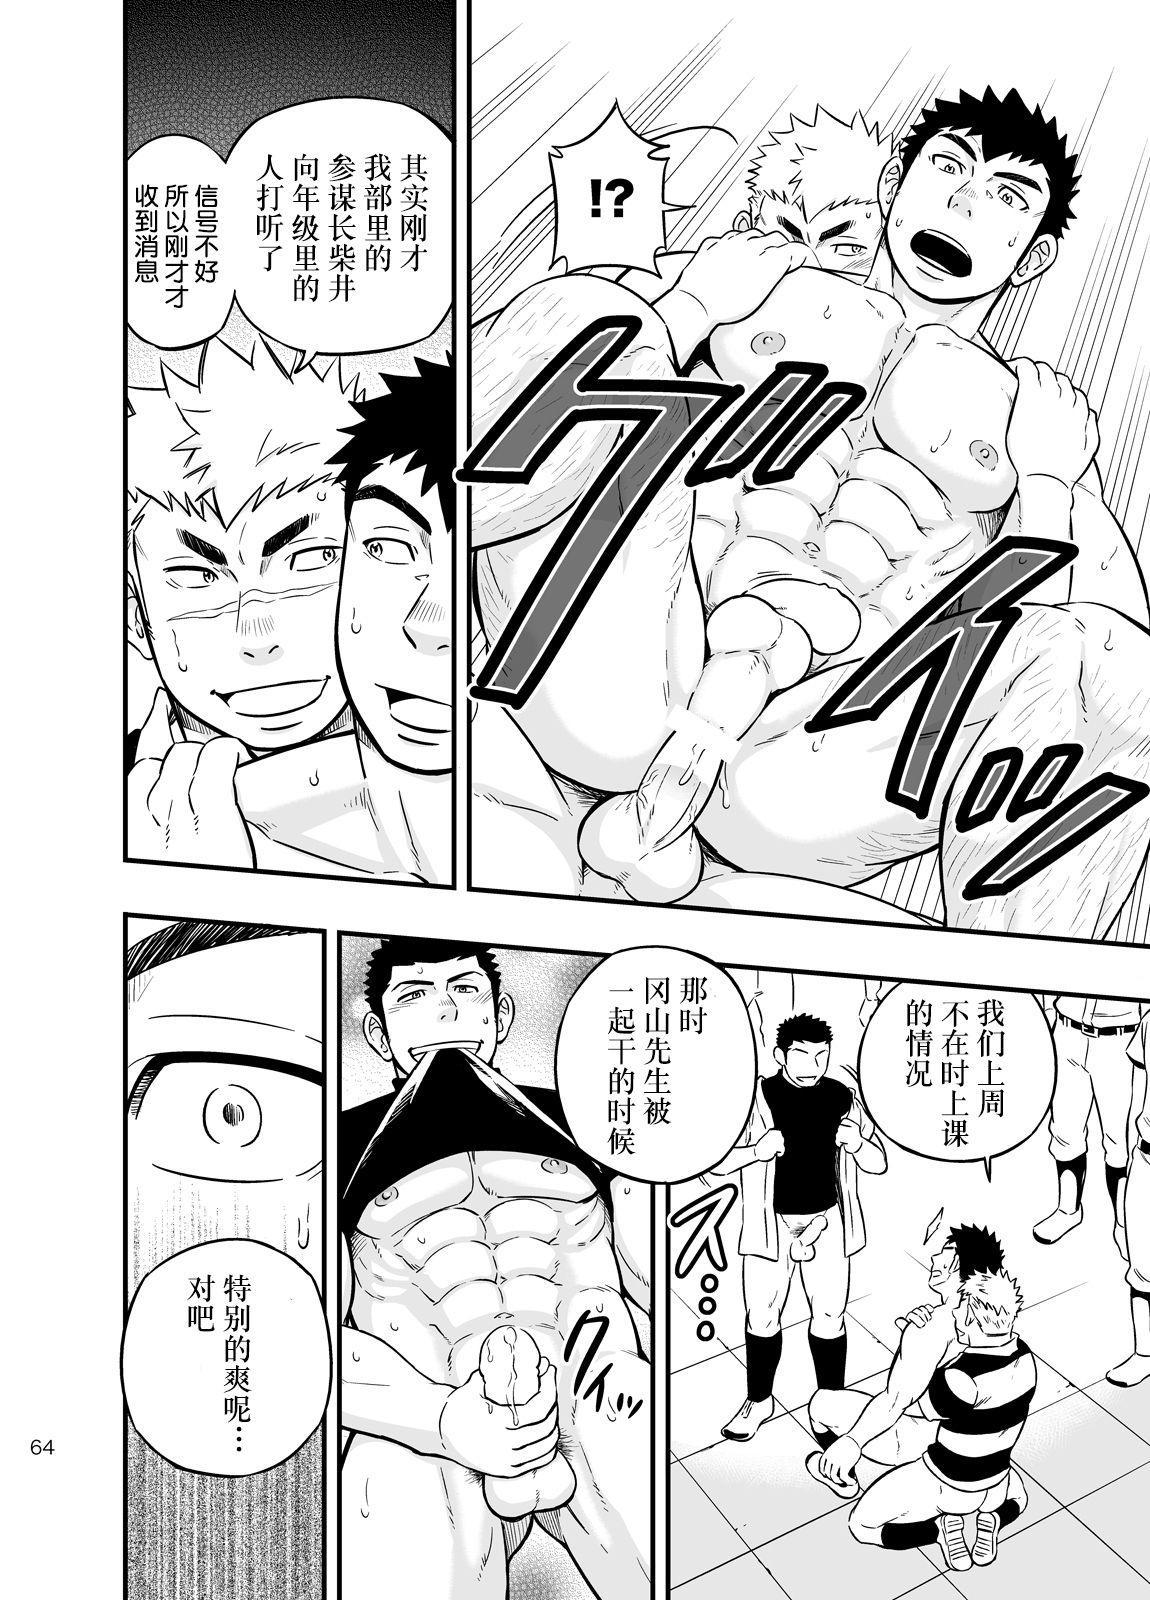 Moshimo Danshikou no Hoken Taiiku ga Jitsugi Ari Dattara 2 | 如果男校的保健体育课有实践环节的话 2 62